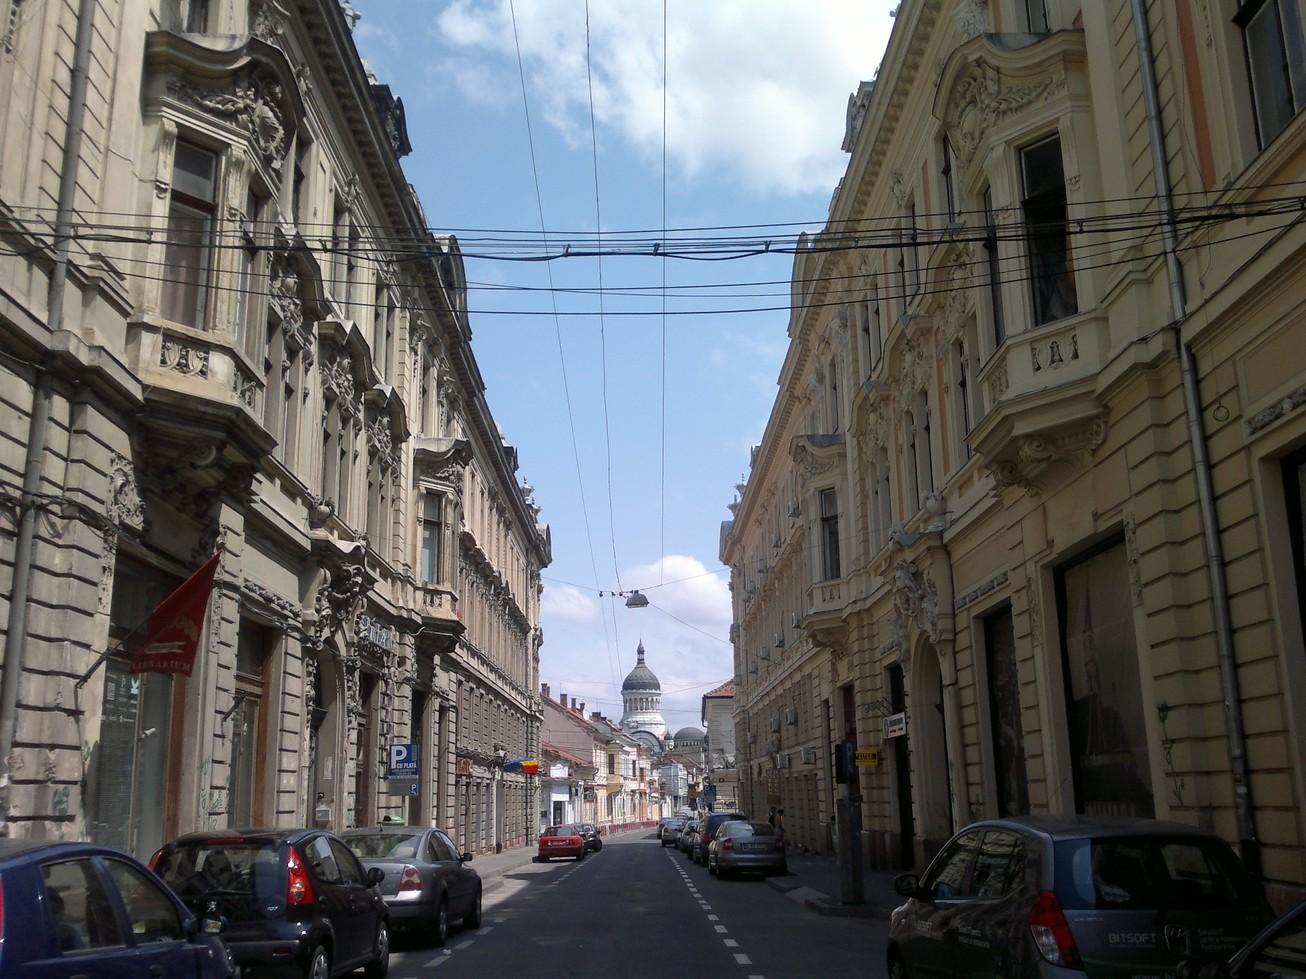 strada in oglinda Cluj